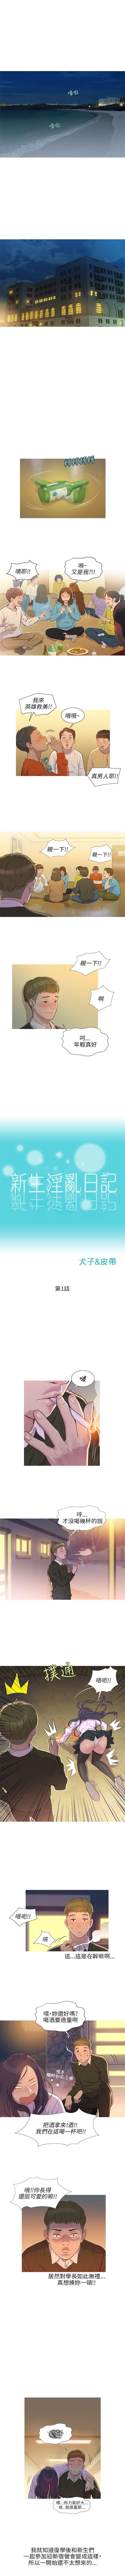 新生淫乱日记 1-61完结(中文) 1